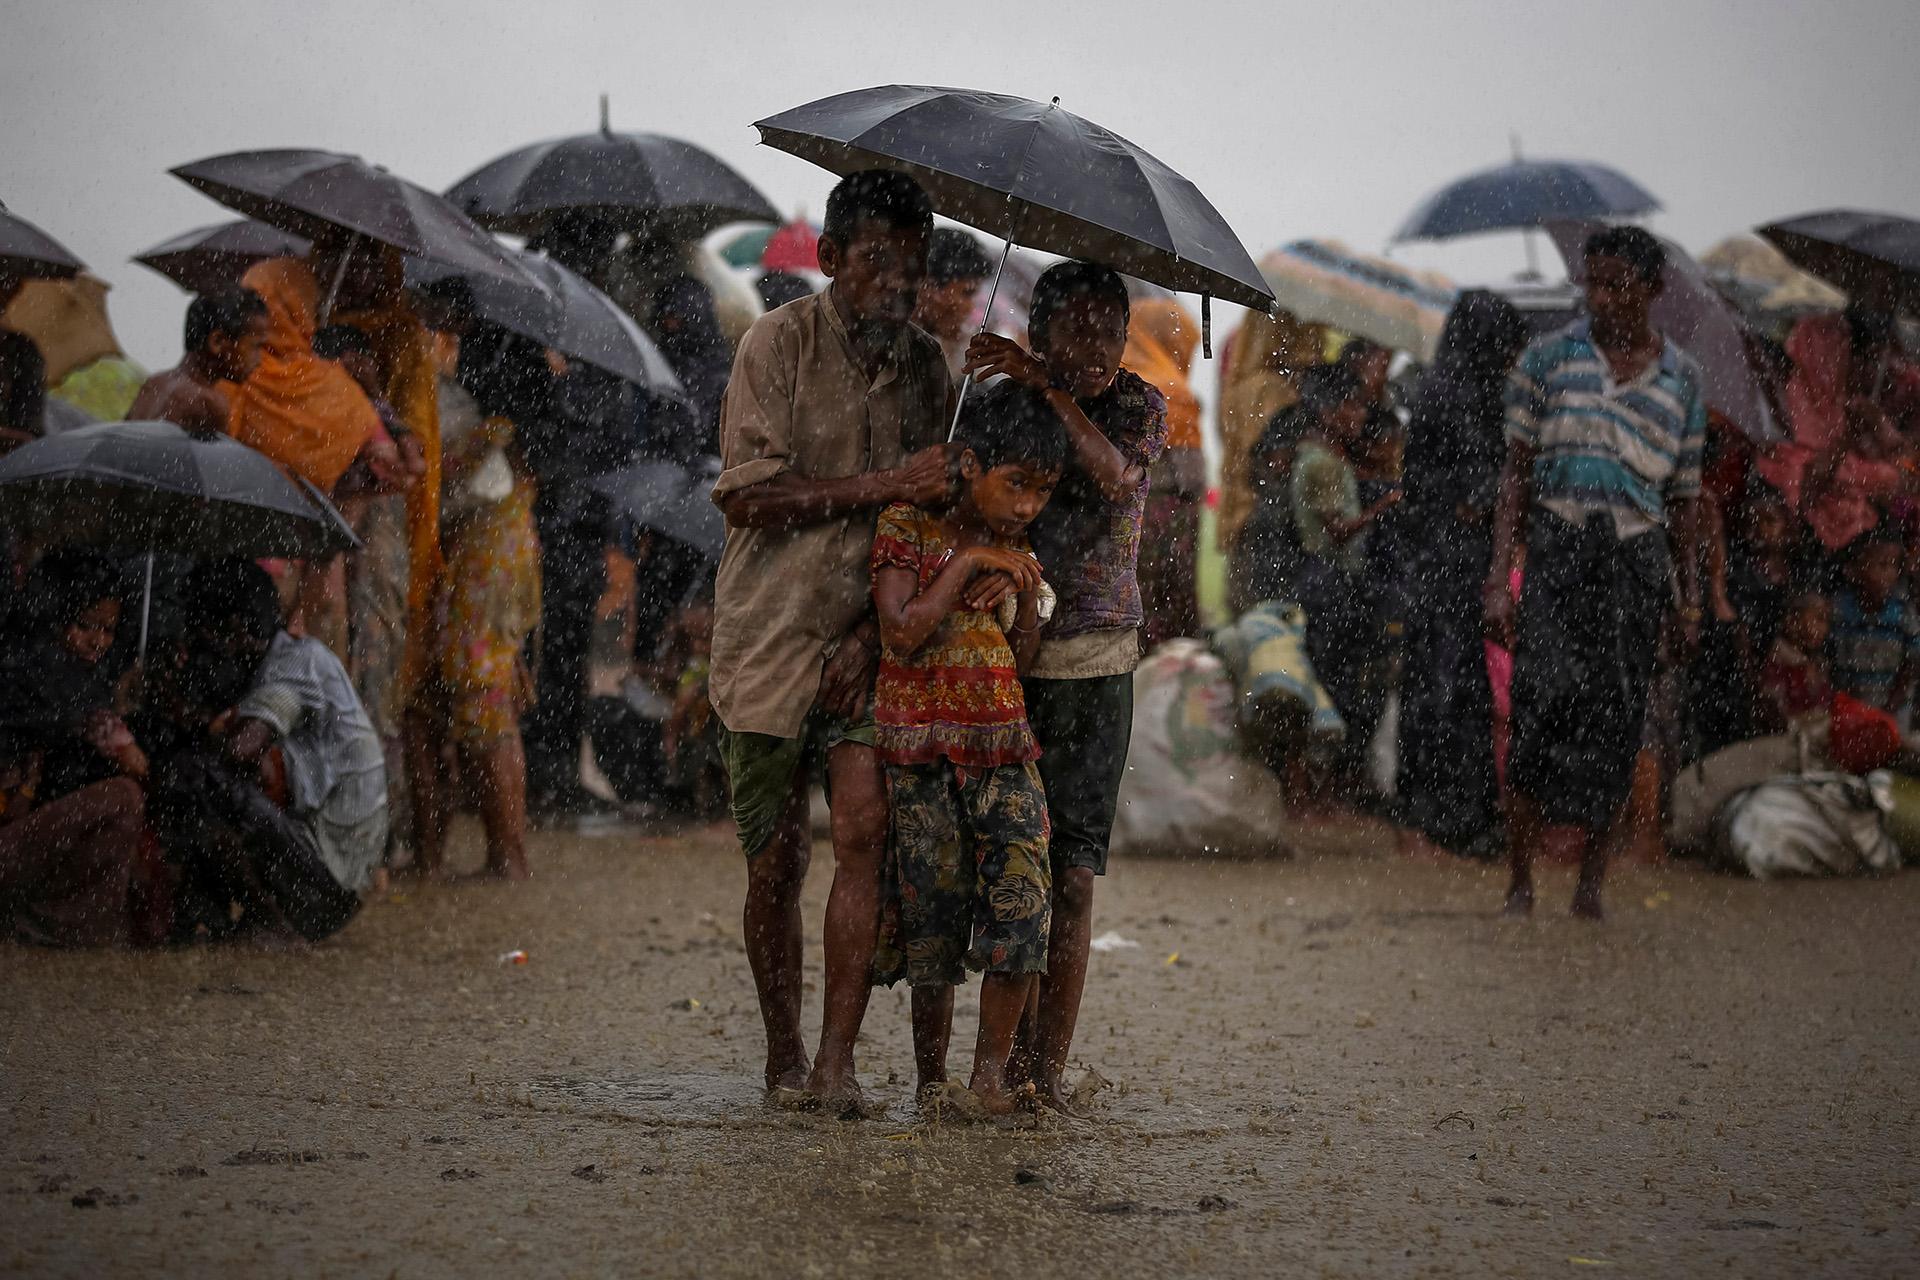 Los refugiados rohingya intentan resguardarse de la lluvia torrencial mientras están en poder de la Guardia Fronteriza de Bangladesh (BGB) después de cruzar ilegalmente la frontera, en Teknaf, Bangladesh, el 31 de agosto de 2017. (Mohammad Ponir Hossain)